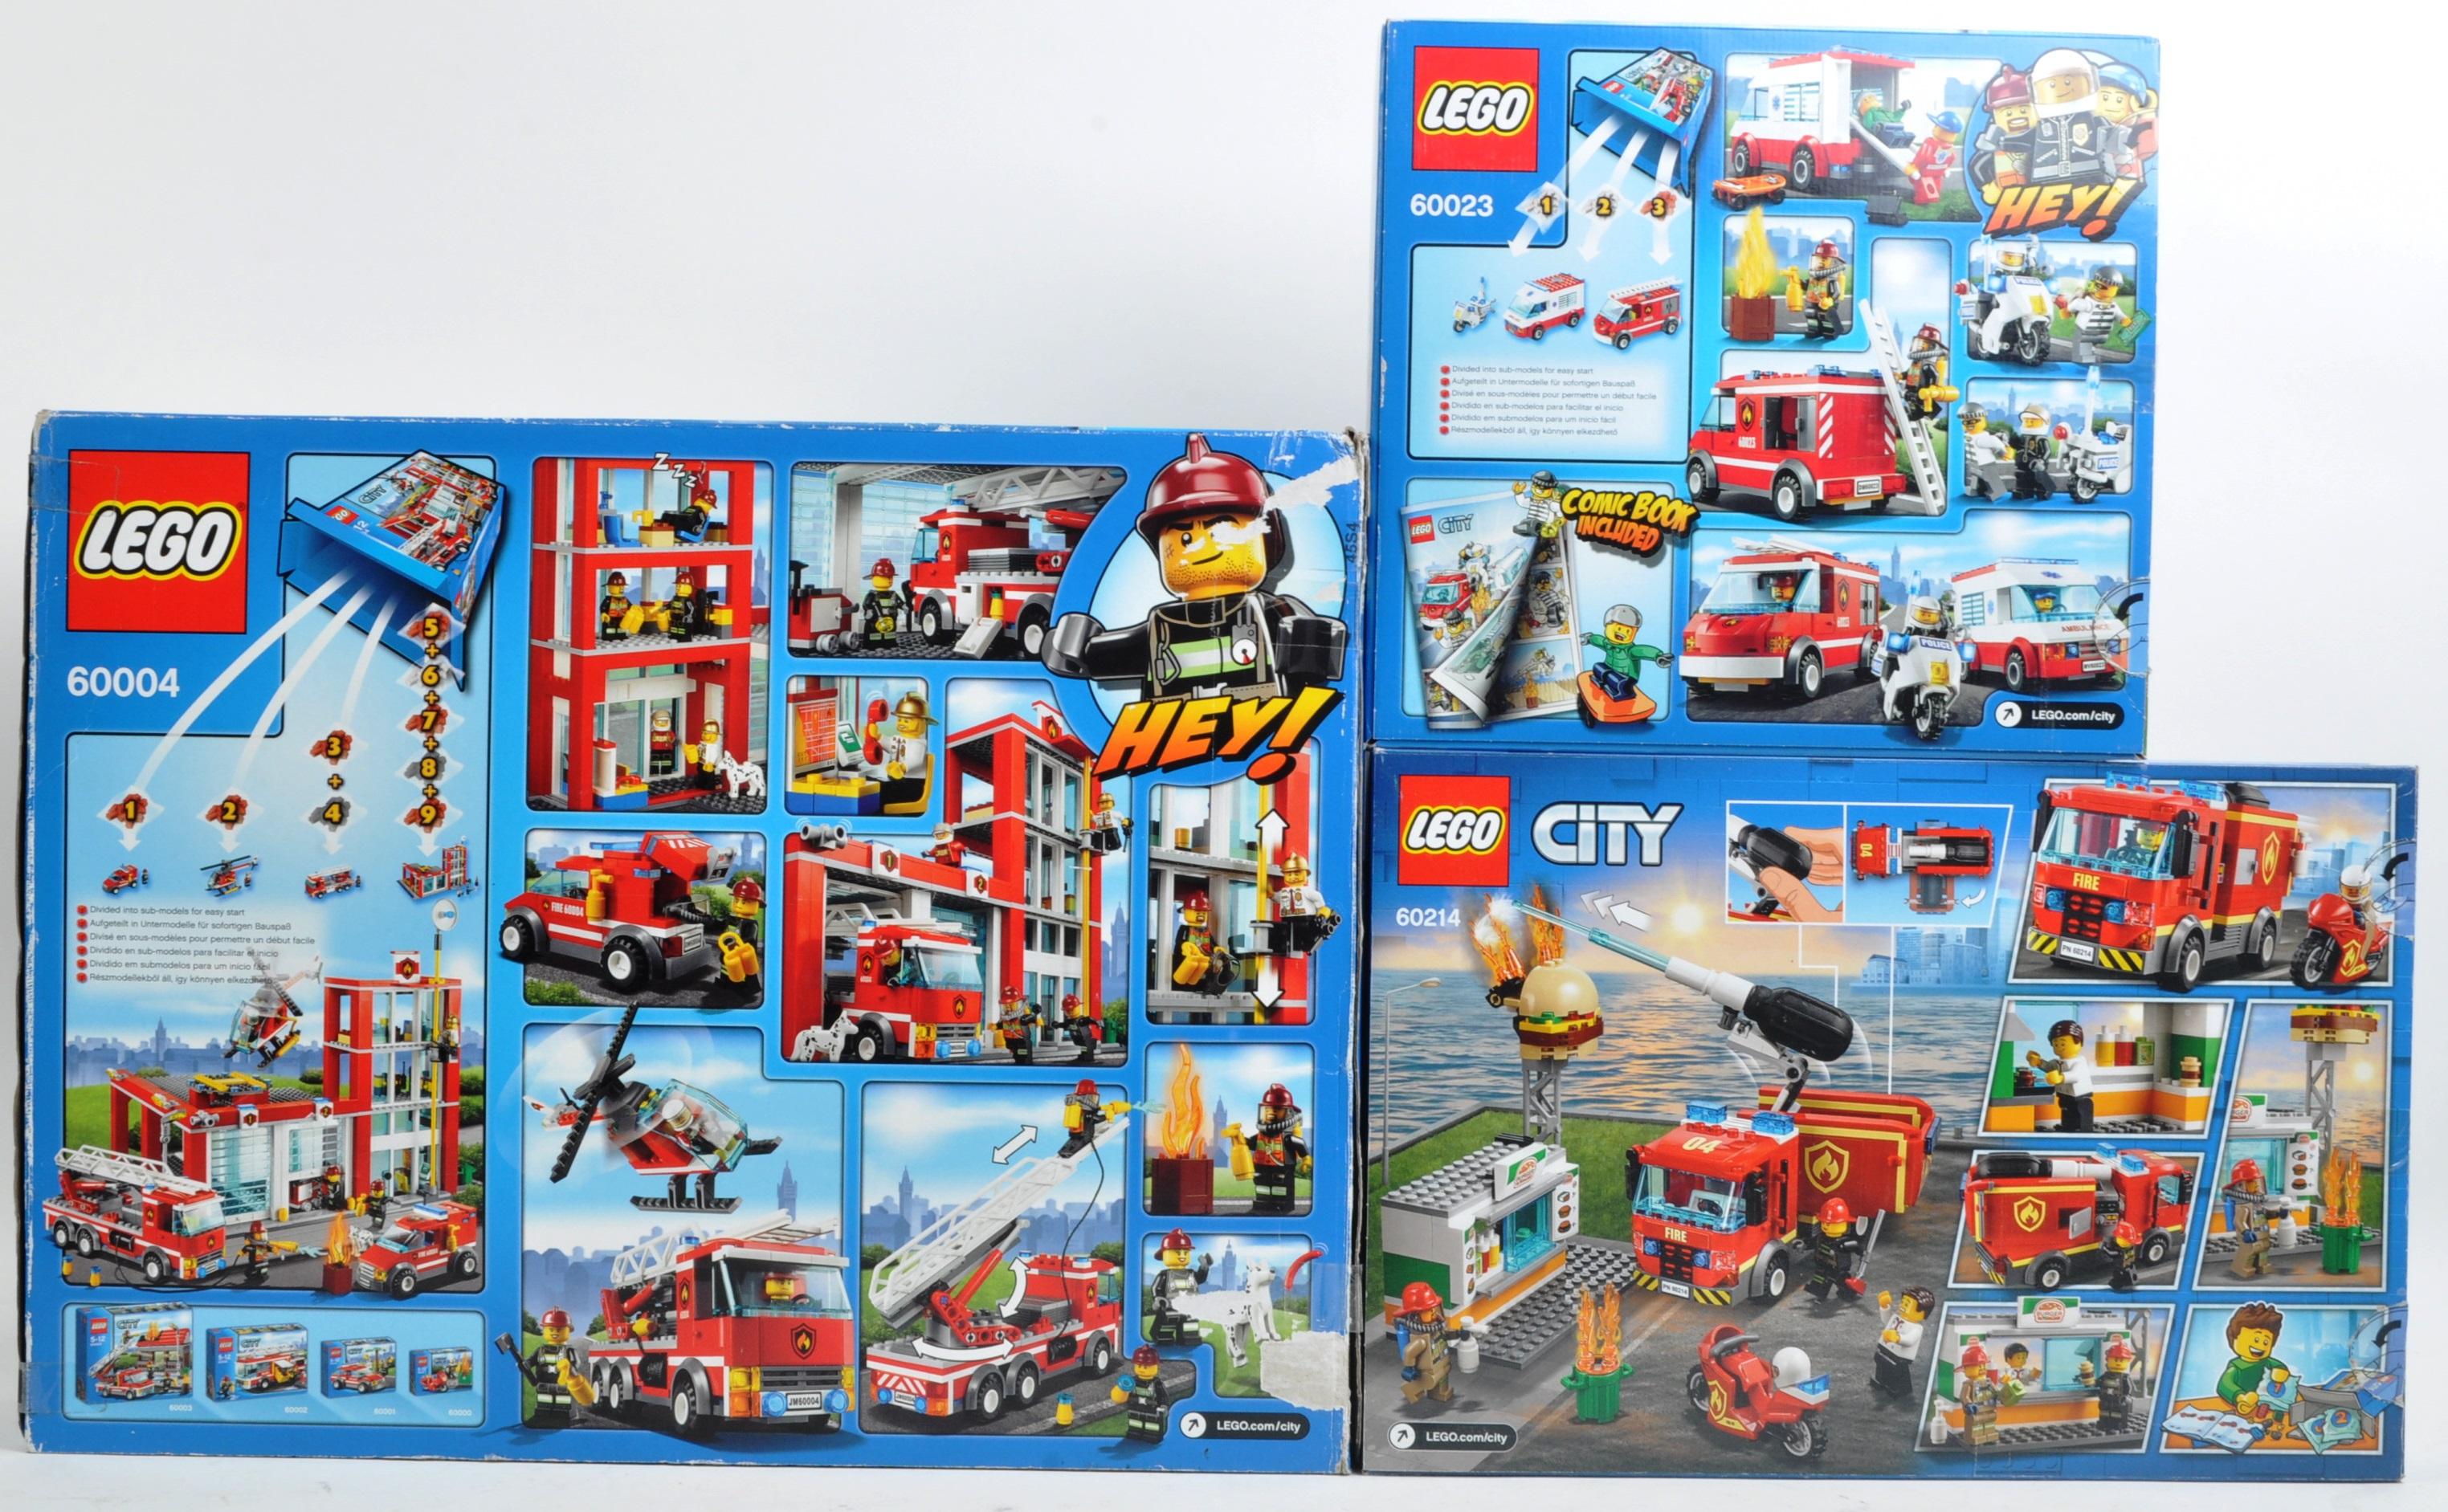 LEGO SETS - LEGO CITY - 60004 / 60214 / 60023 - Image 2 of 3